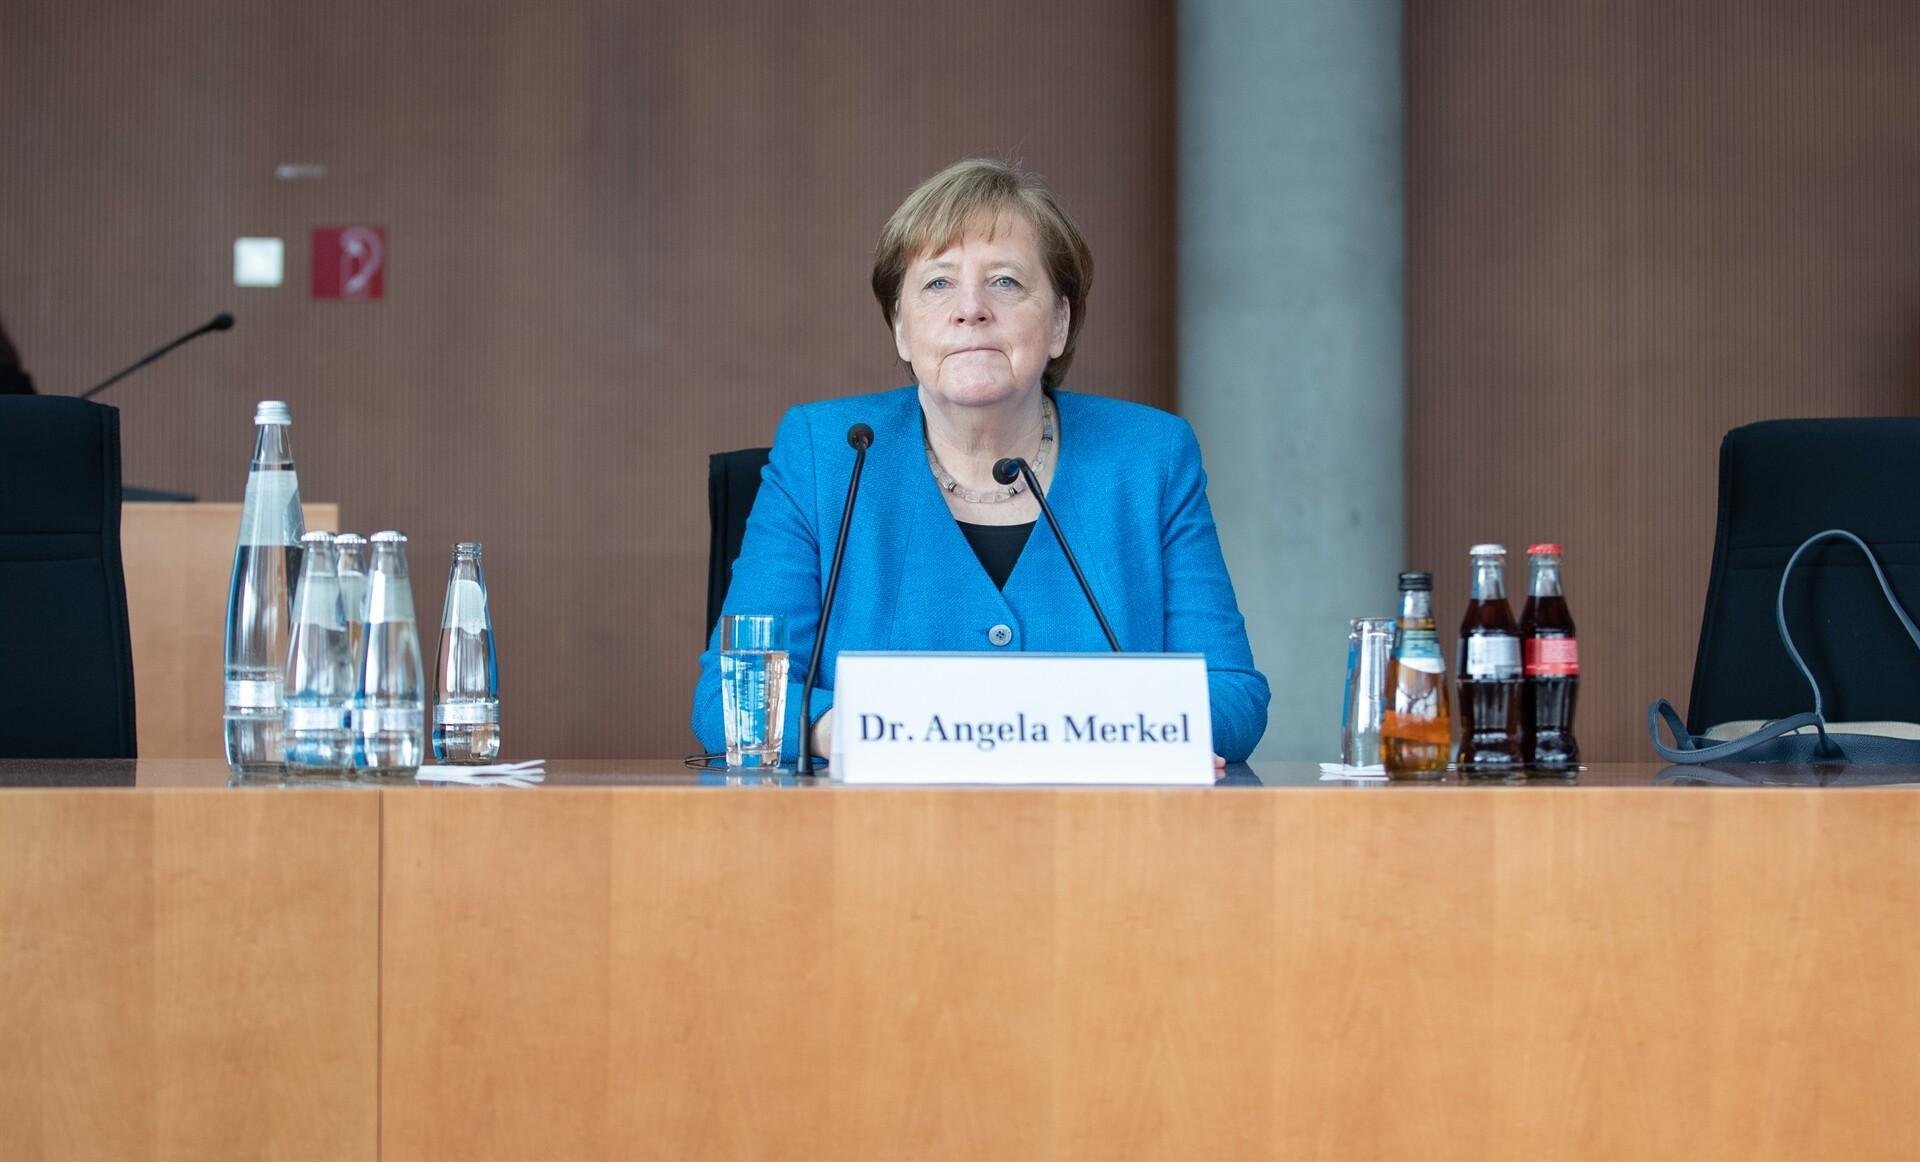 Almanya'daki skandal büyüyor! Merkel ifade verdi...